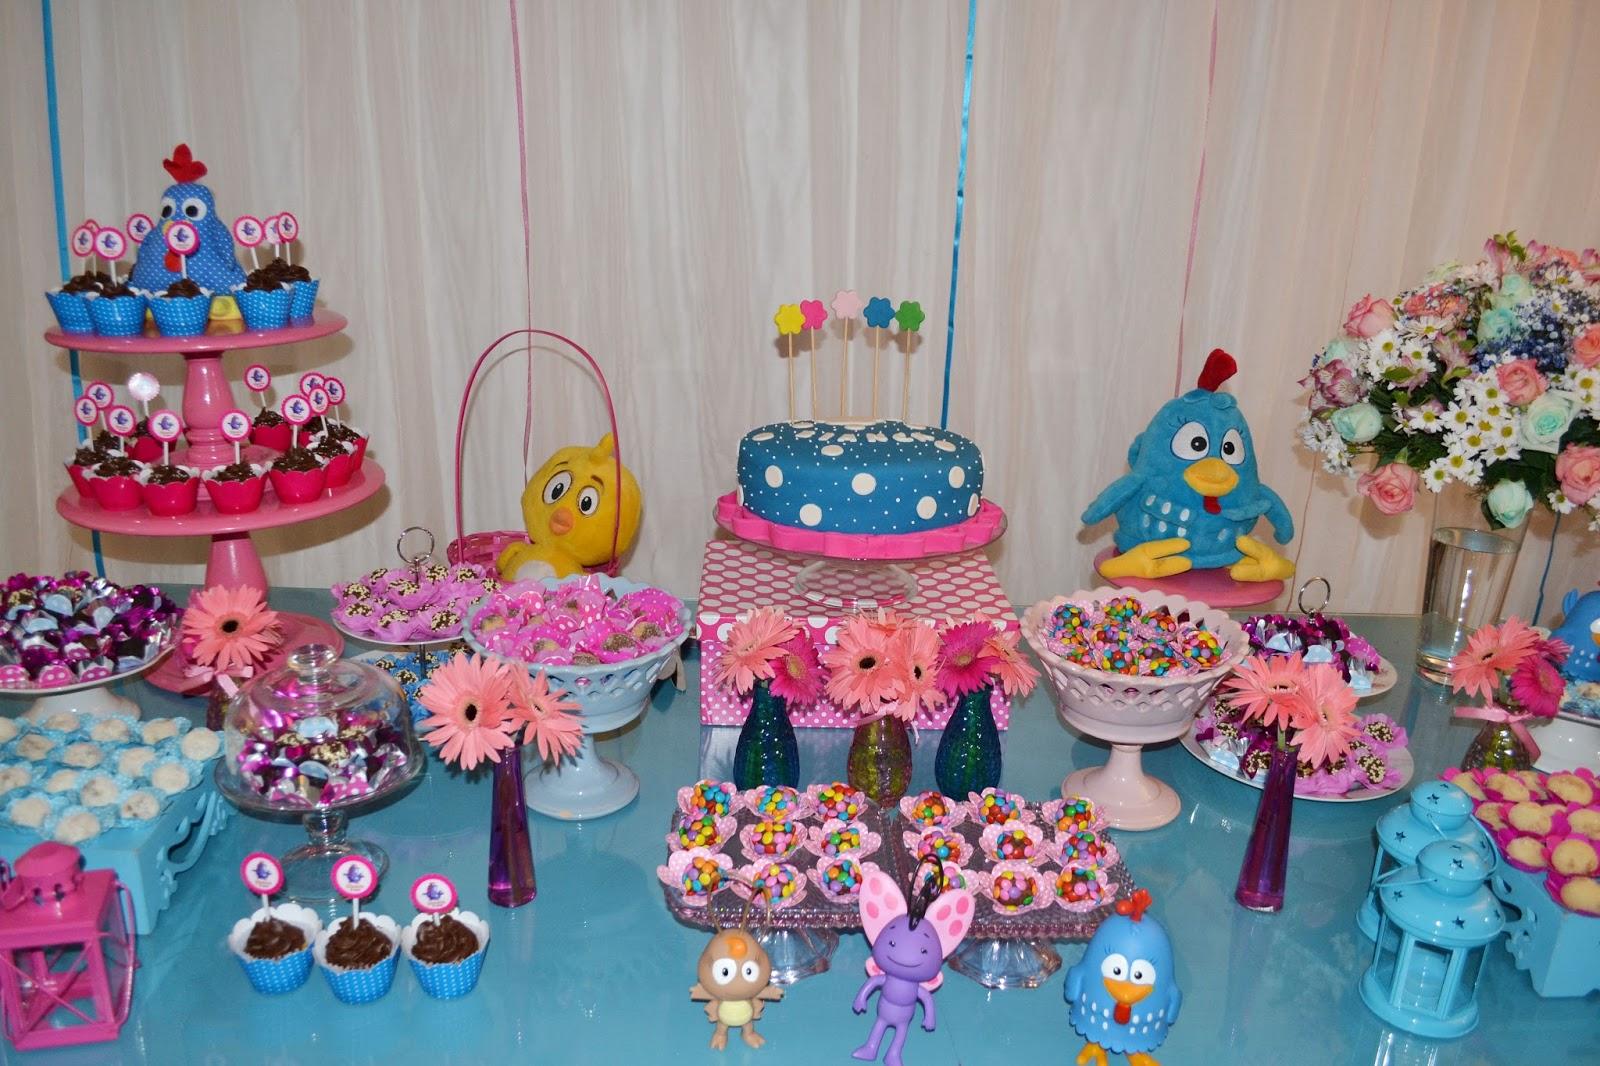 decoracao festa galinha pintadinha rosa:Related to Festa Galinha Pintadinha – Decoração de festa infantil da